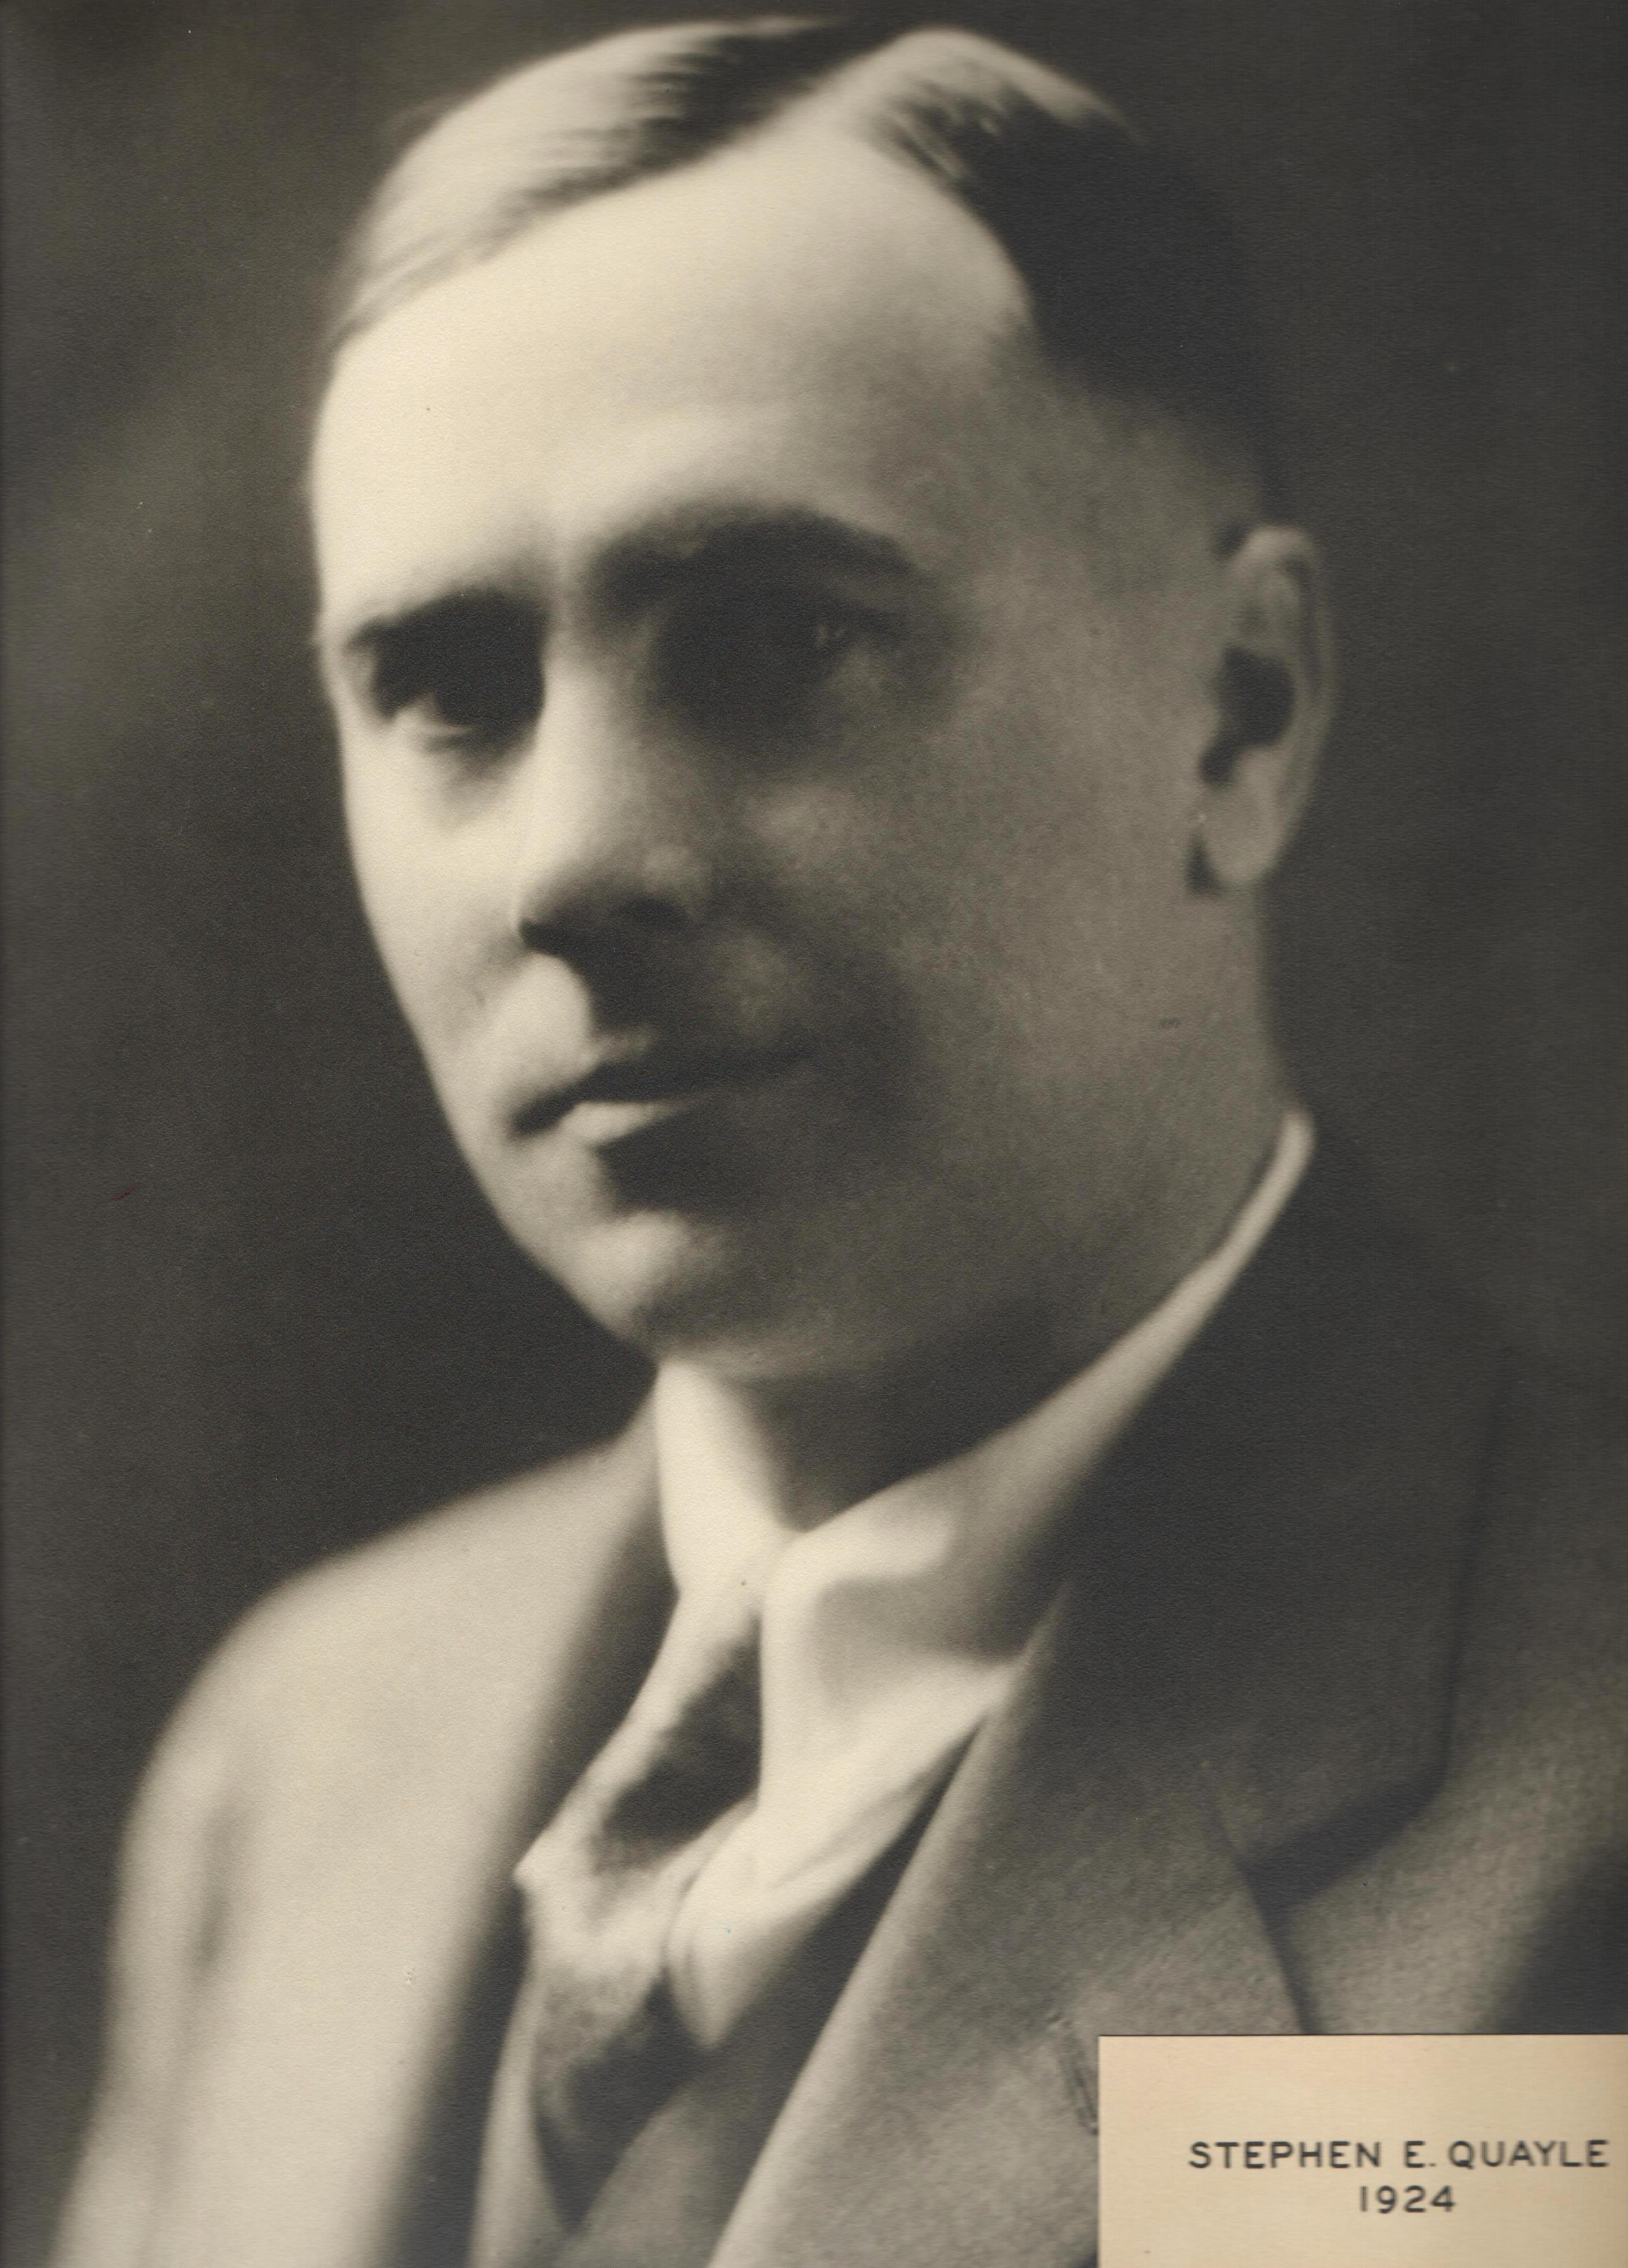 1924 Stephen E. Quayle